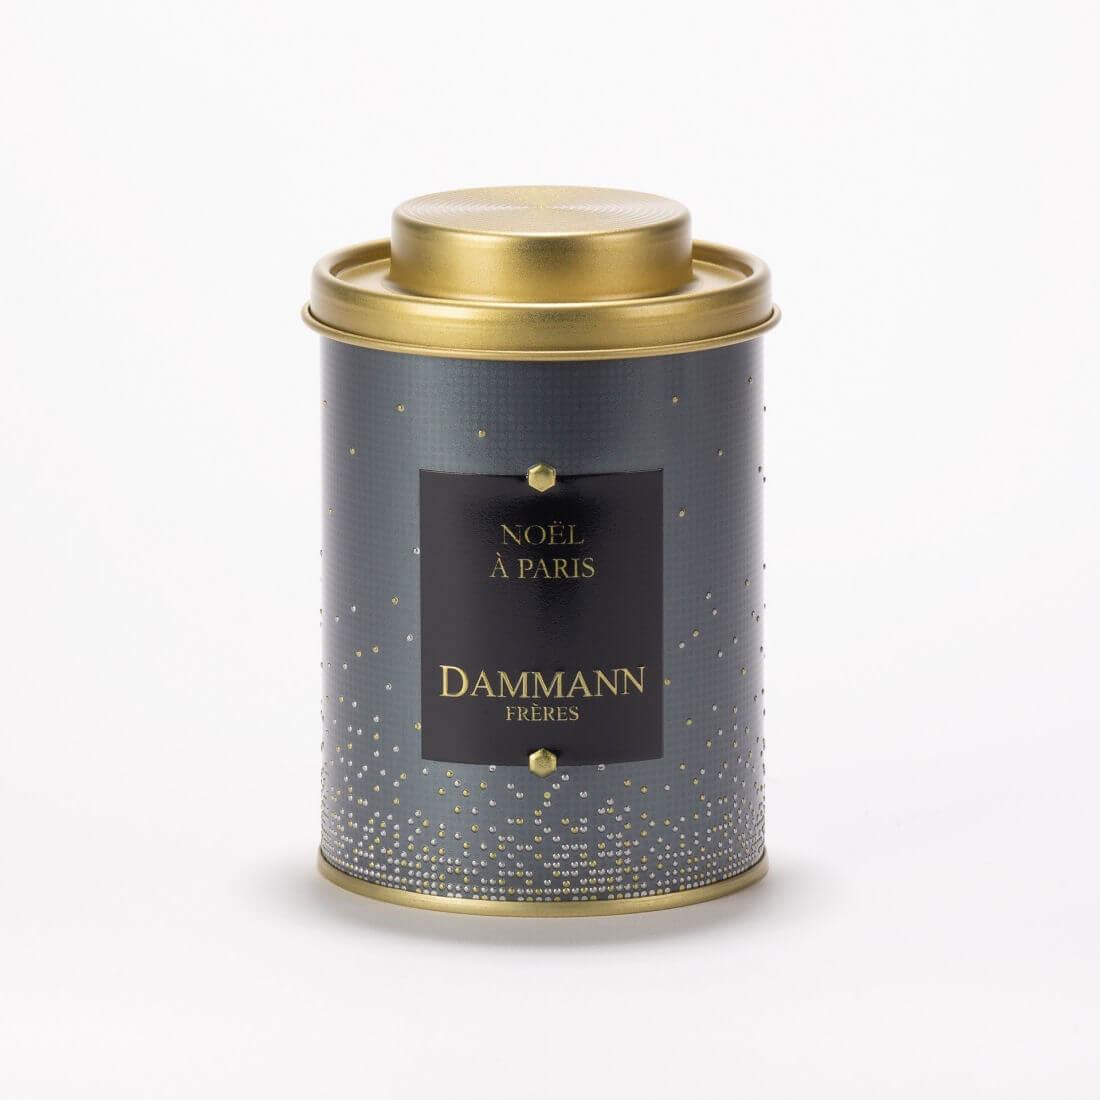 Thé noir Noël à Paris Dammann Frères - Boîte de 100g